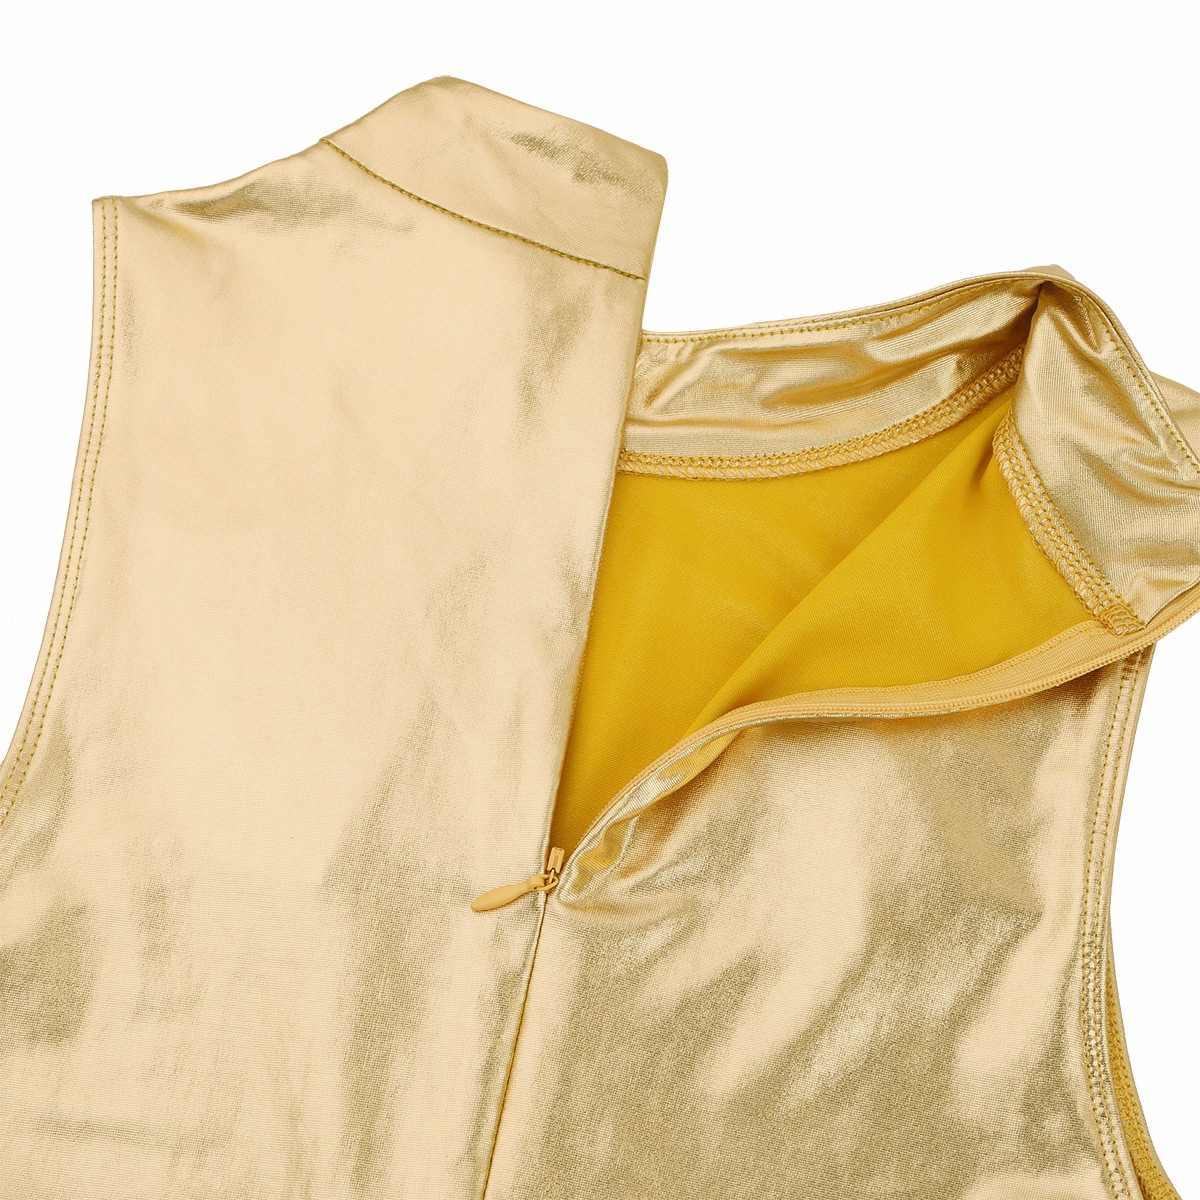 Vrouwen Vrouwelijke Wetlook Faux Leather Lingerie Sexy Clubwear Open Buste Crotchless Teddy Hoge Cut Trainingspak Bodysuit Sexy Nachtkleding